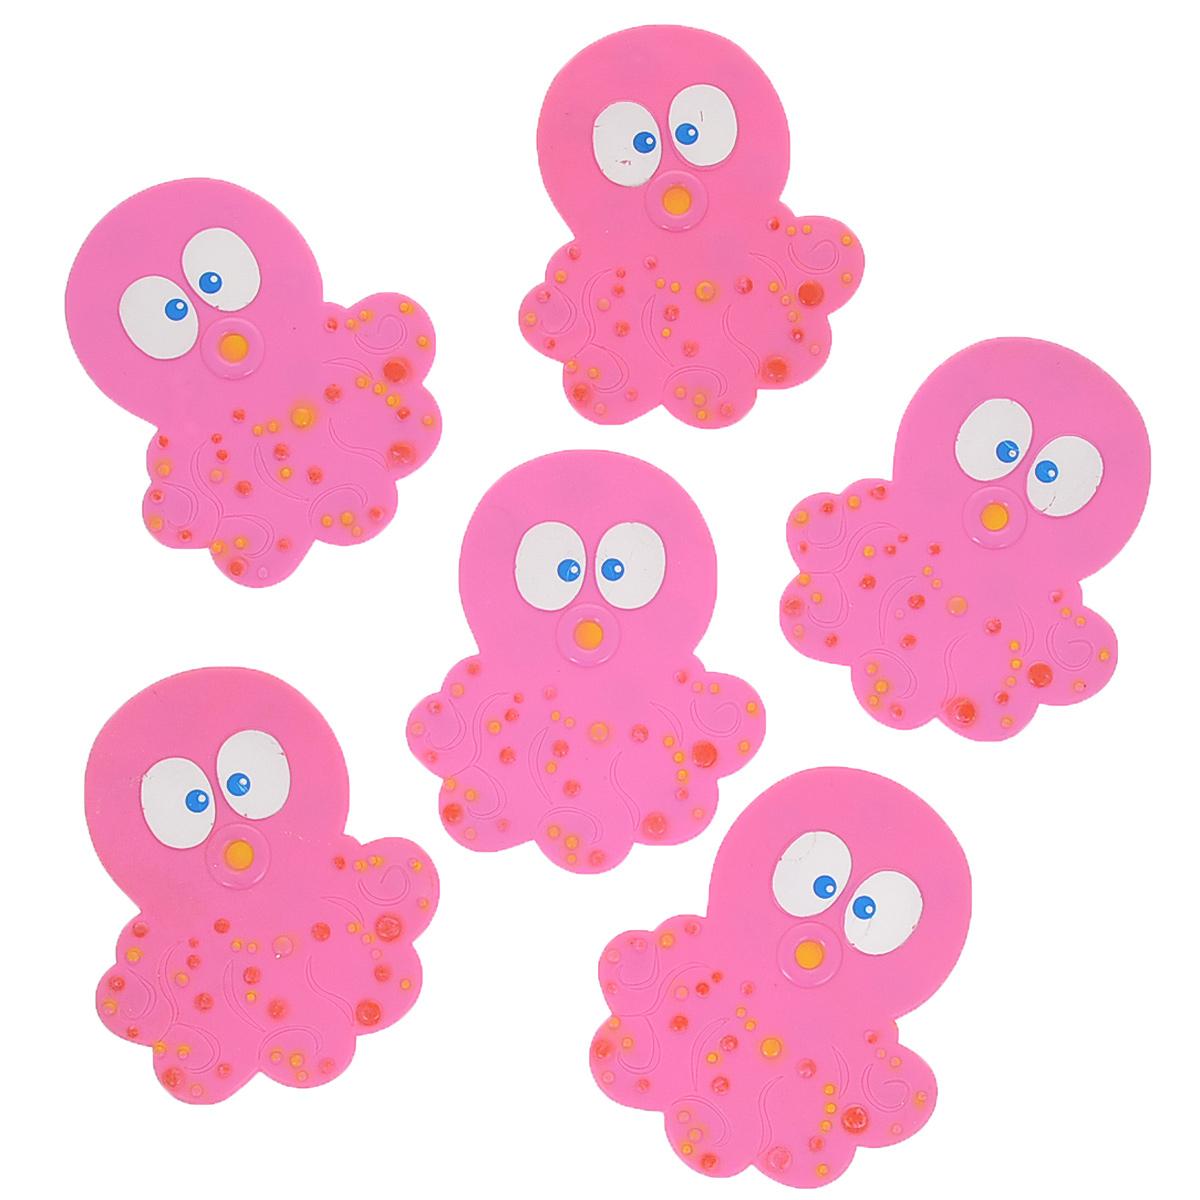 Набор мини-ковриков для ванной Dom Company Осьминог, цвет: розовый, 6 шт.14282Набор Dom Company Осьминог состоит из шести мини-ковриков для ванной, изготовленных из 100% полимерных материалов в форме забавных осьминогов. Коврики оснащены присосками, предотвращающими скольжение. Их можно крепить на дно ванны или использовать как декор для плитки. Коврики легко чистить.